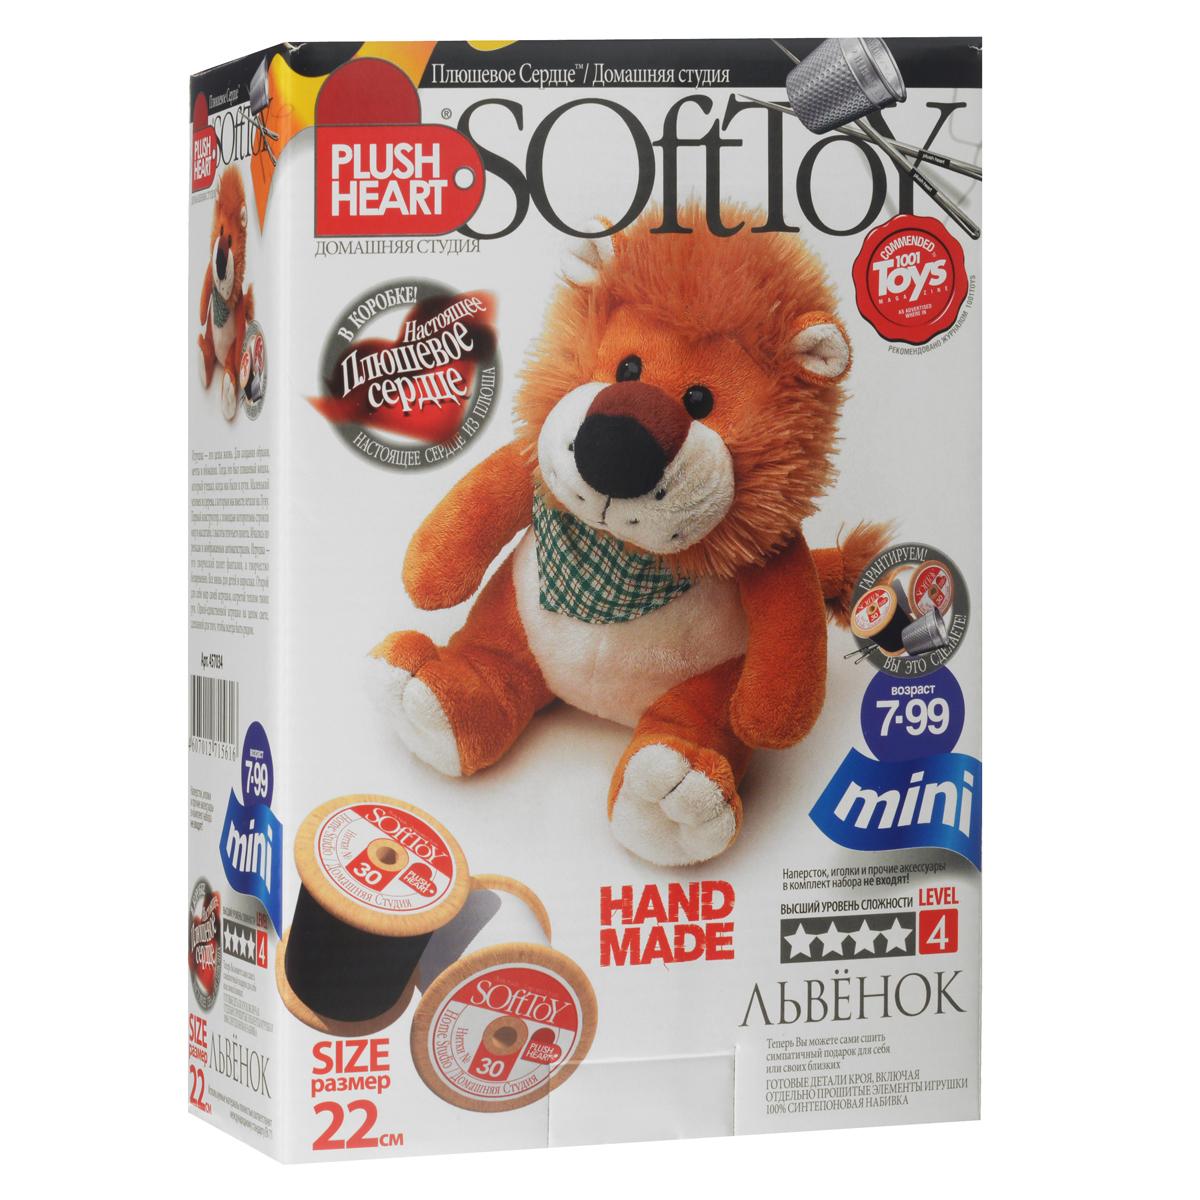 Набор для создания мягкой игрушки Plush Heart Львенок гефест маркет